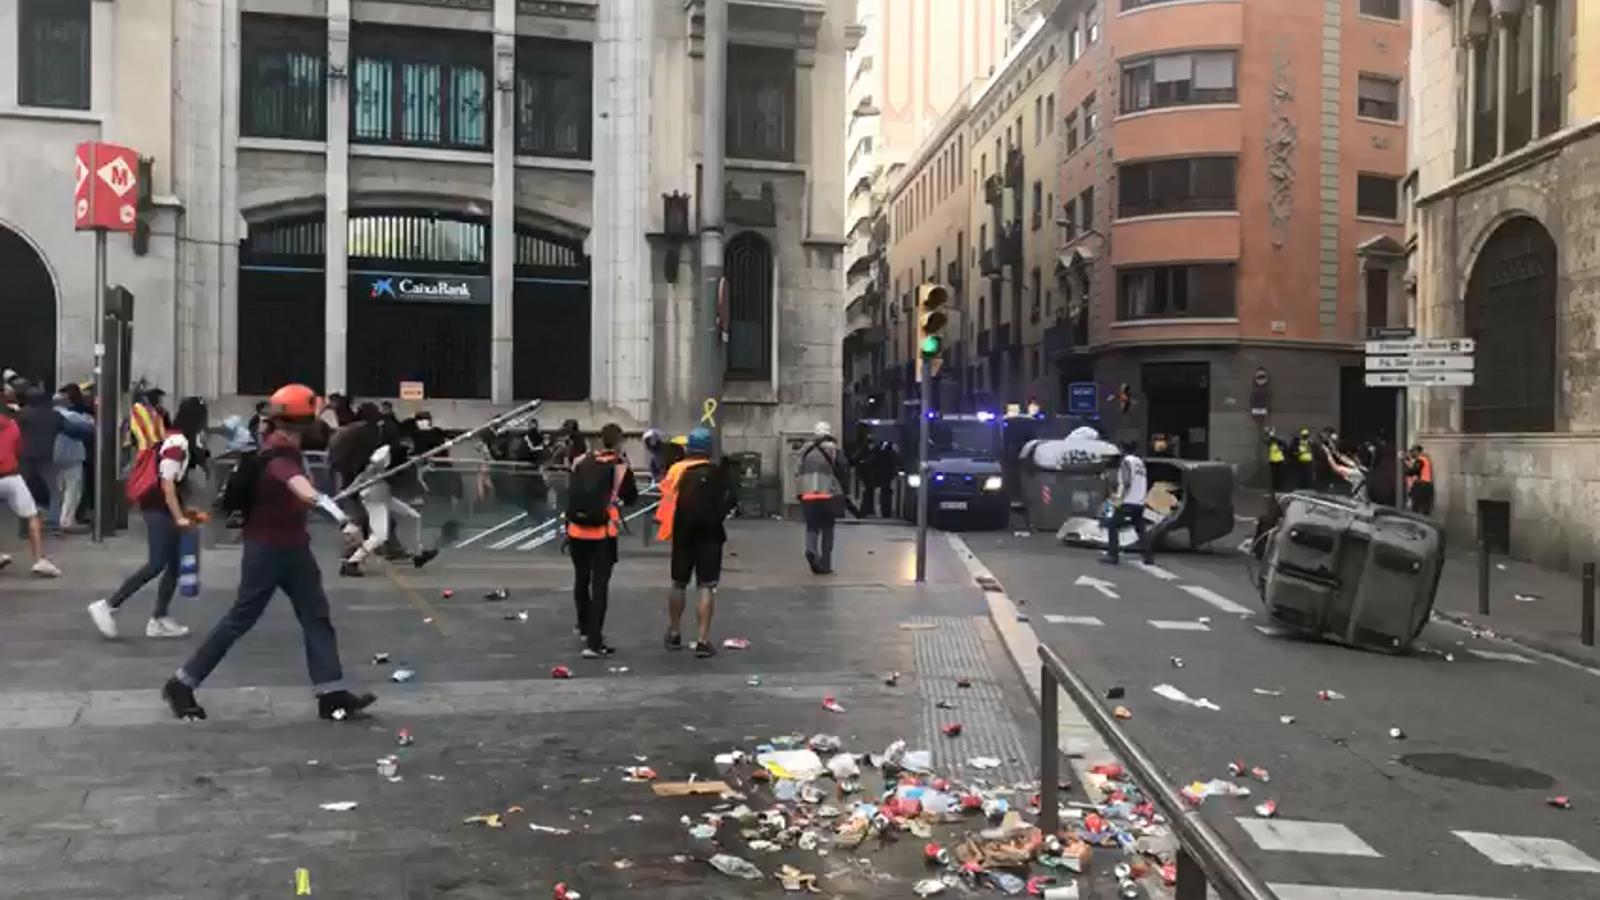 La Policia intenta dispersar els estudiants concentrats a la Via Laietana